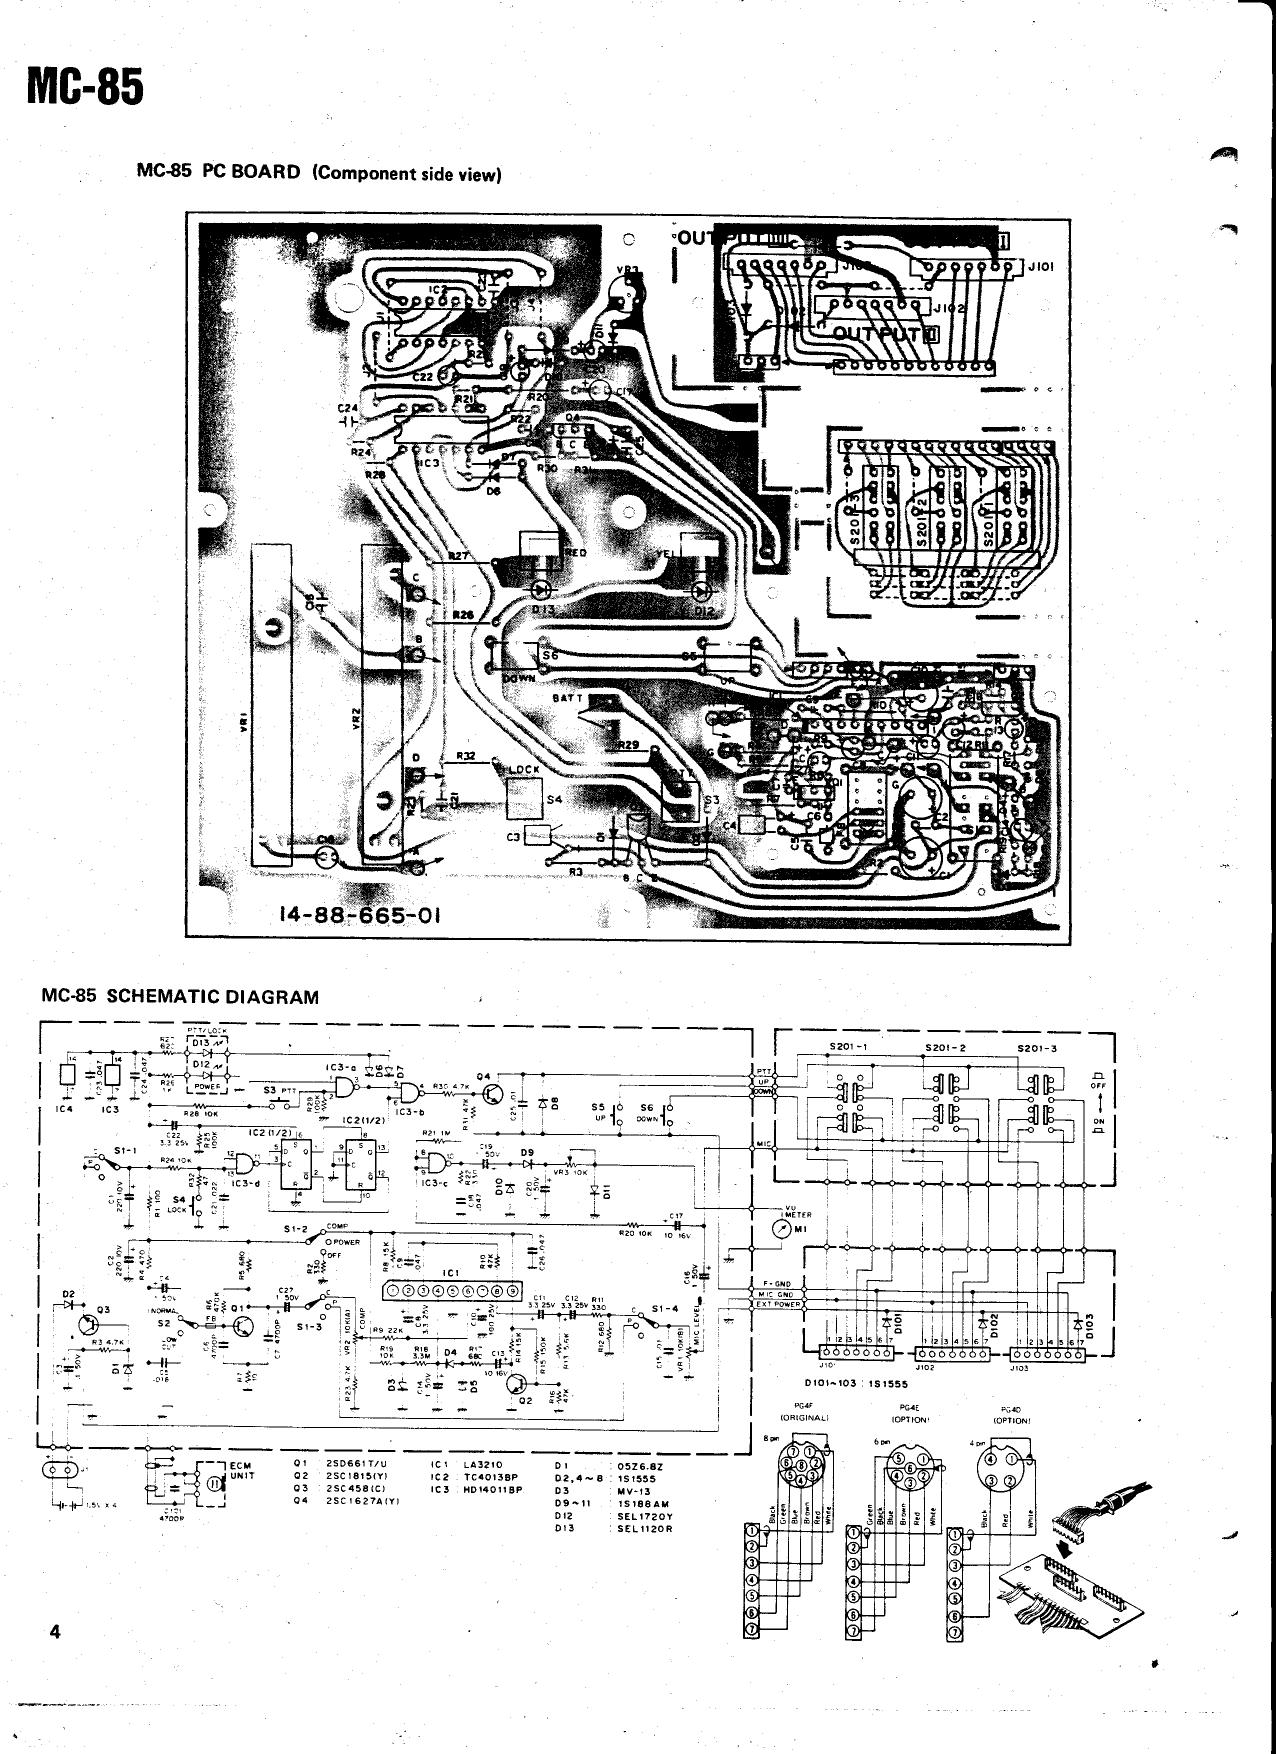 Pdf Manual For Kenwood Subwoofer Sw